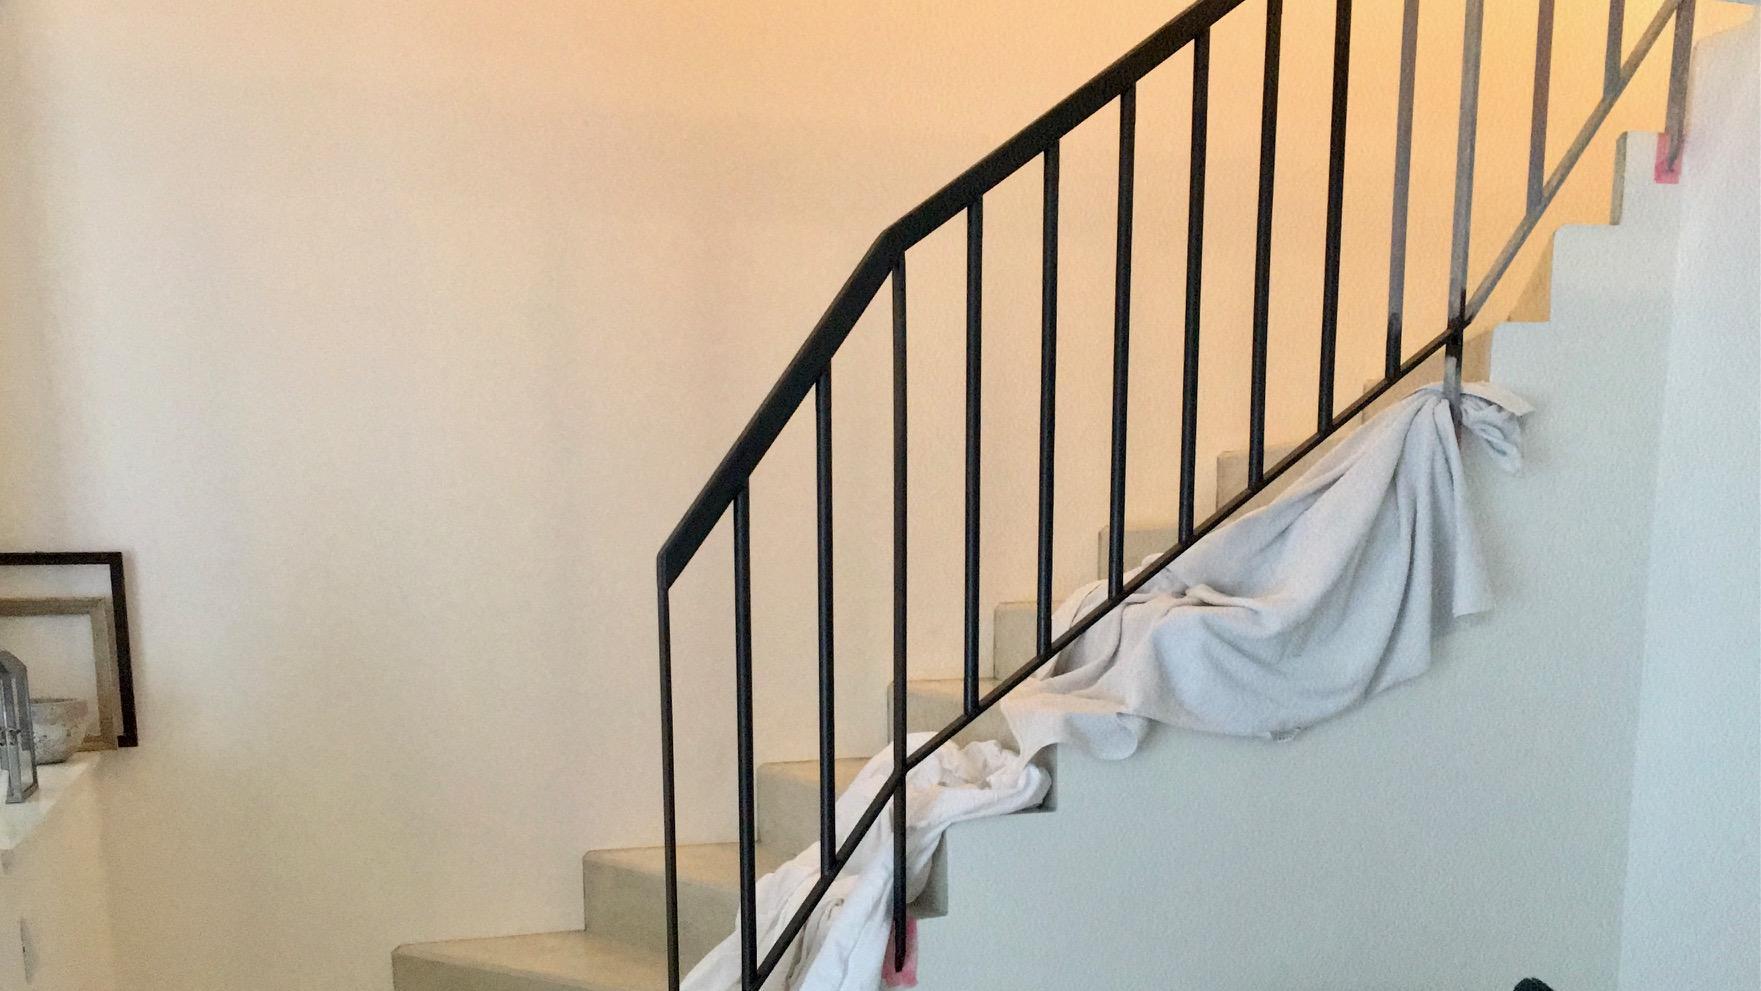 Renovace schodiště - ... ale kdo natírá, vybírá barvu 💪🏼